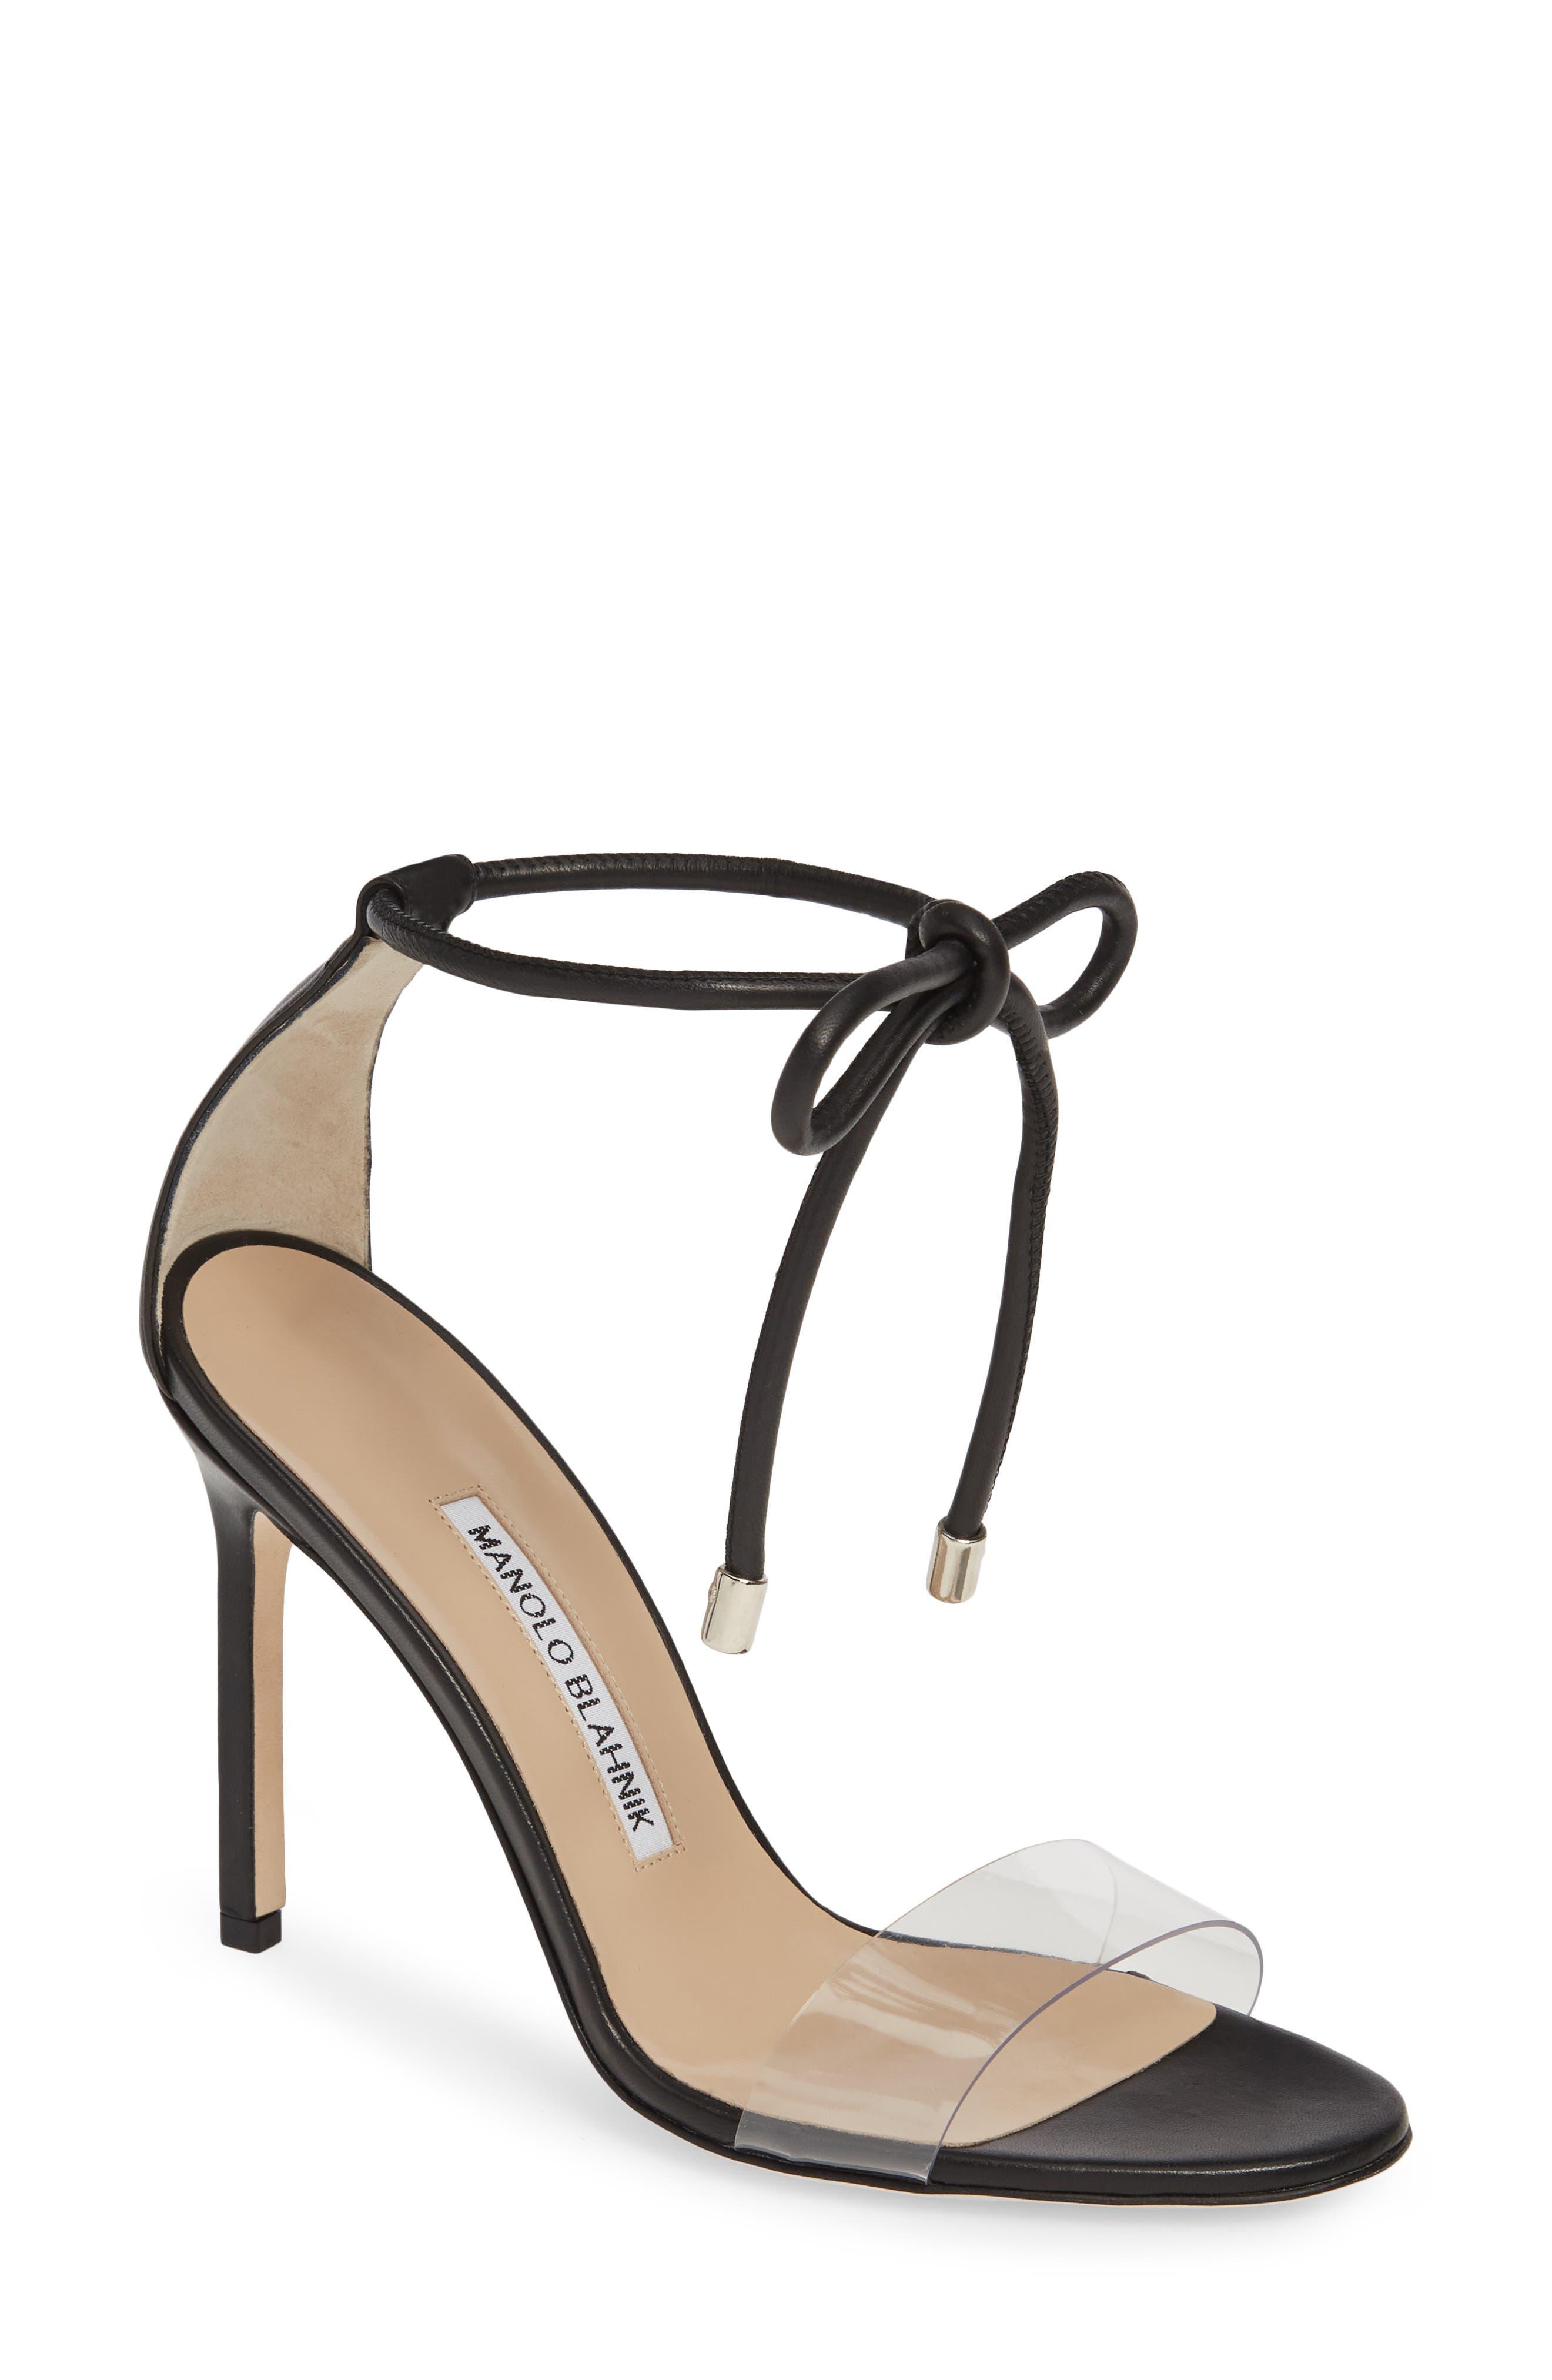 MANOLO BLAHNIK Estro Ankle Tie Sandal, Main, color, BLACK LEATHER